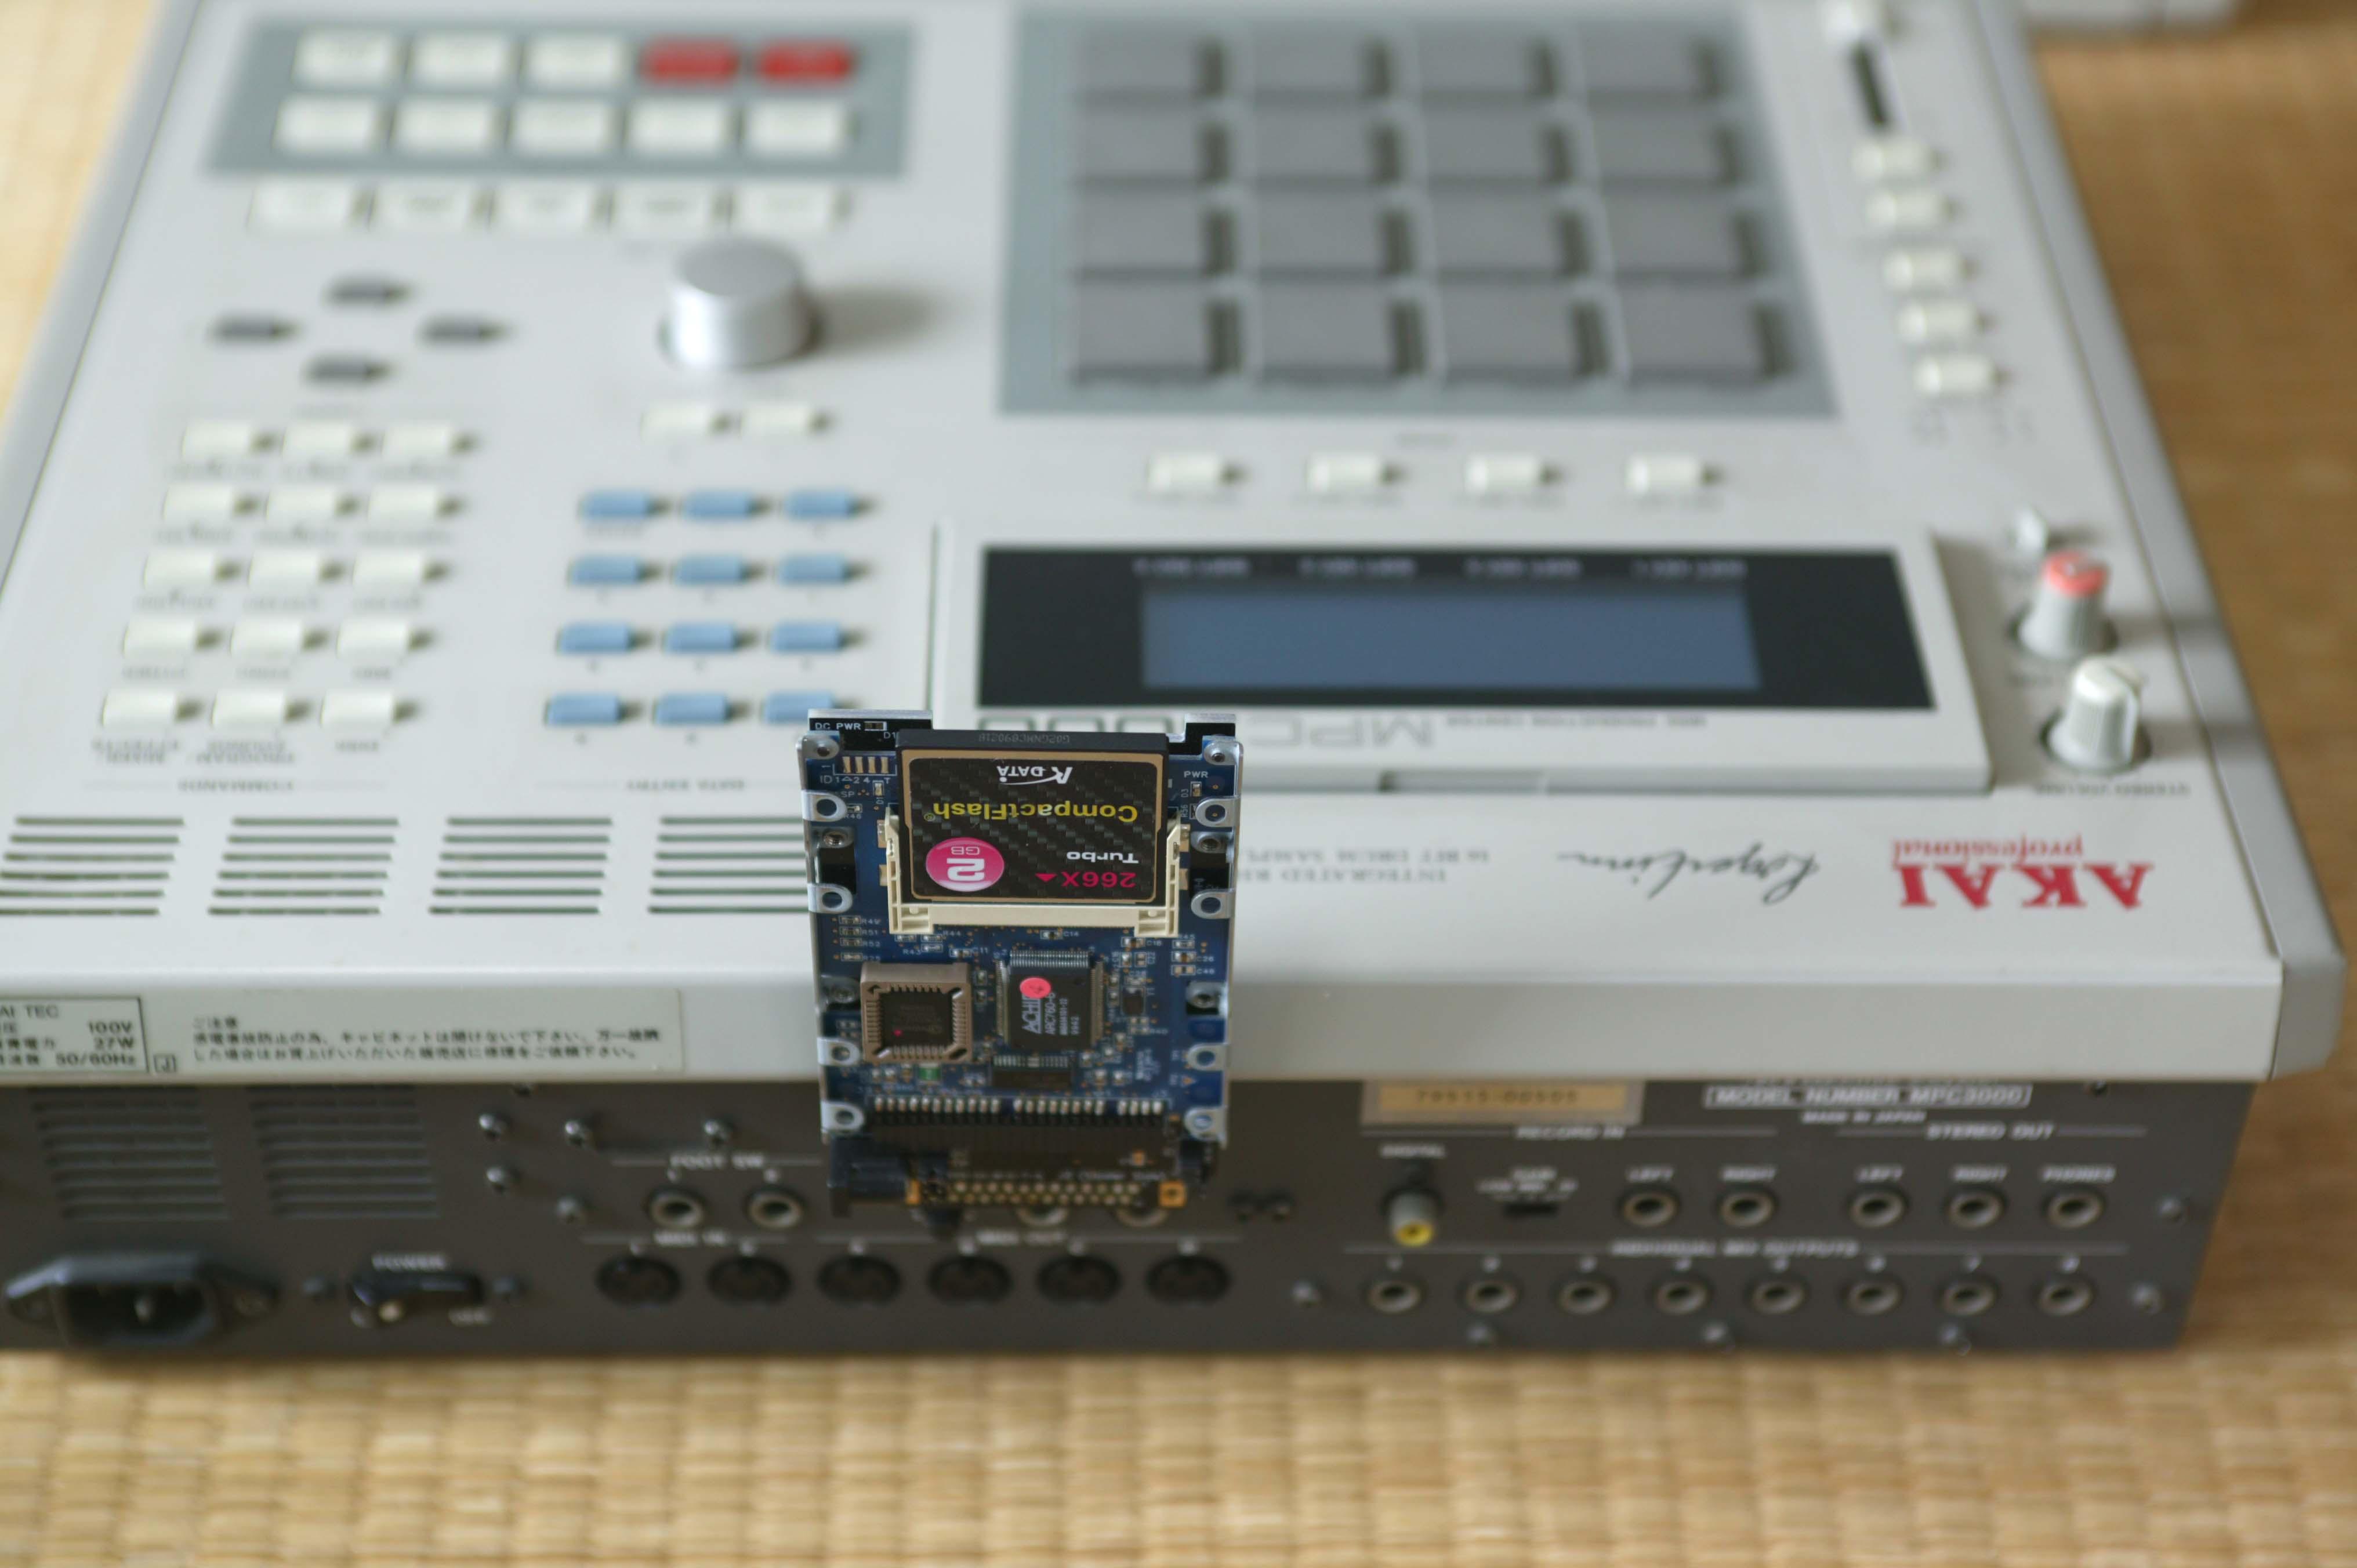 Akai MPC3000 image (#94670) - Audiofanzine